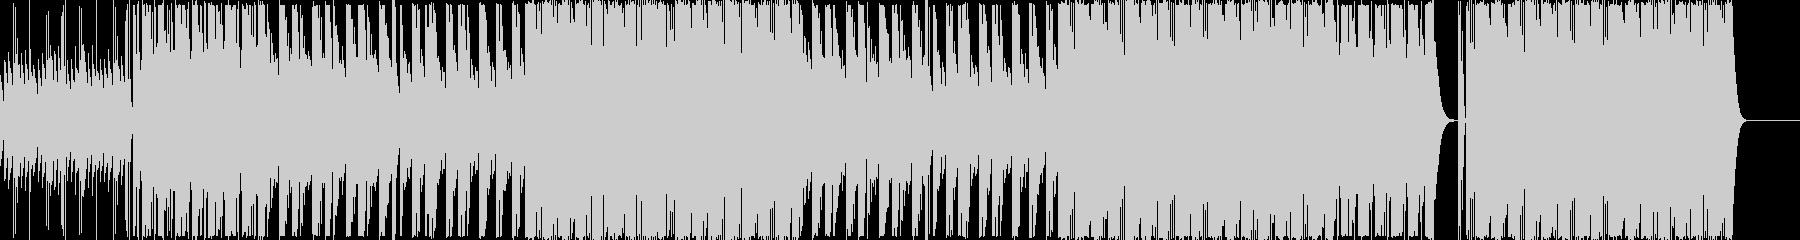 ヒップホップ/重低音/マフィア/808の未再生の波形